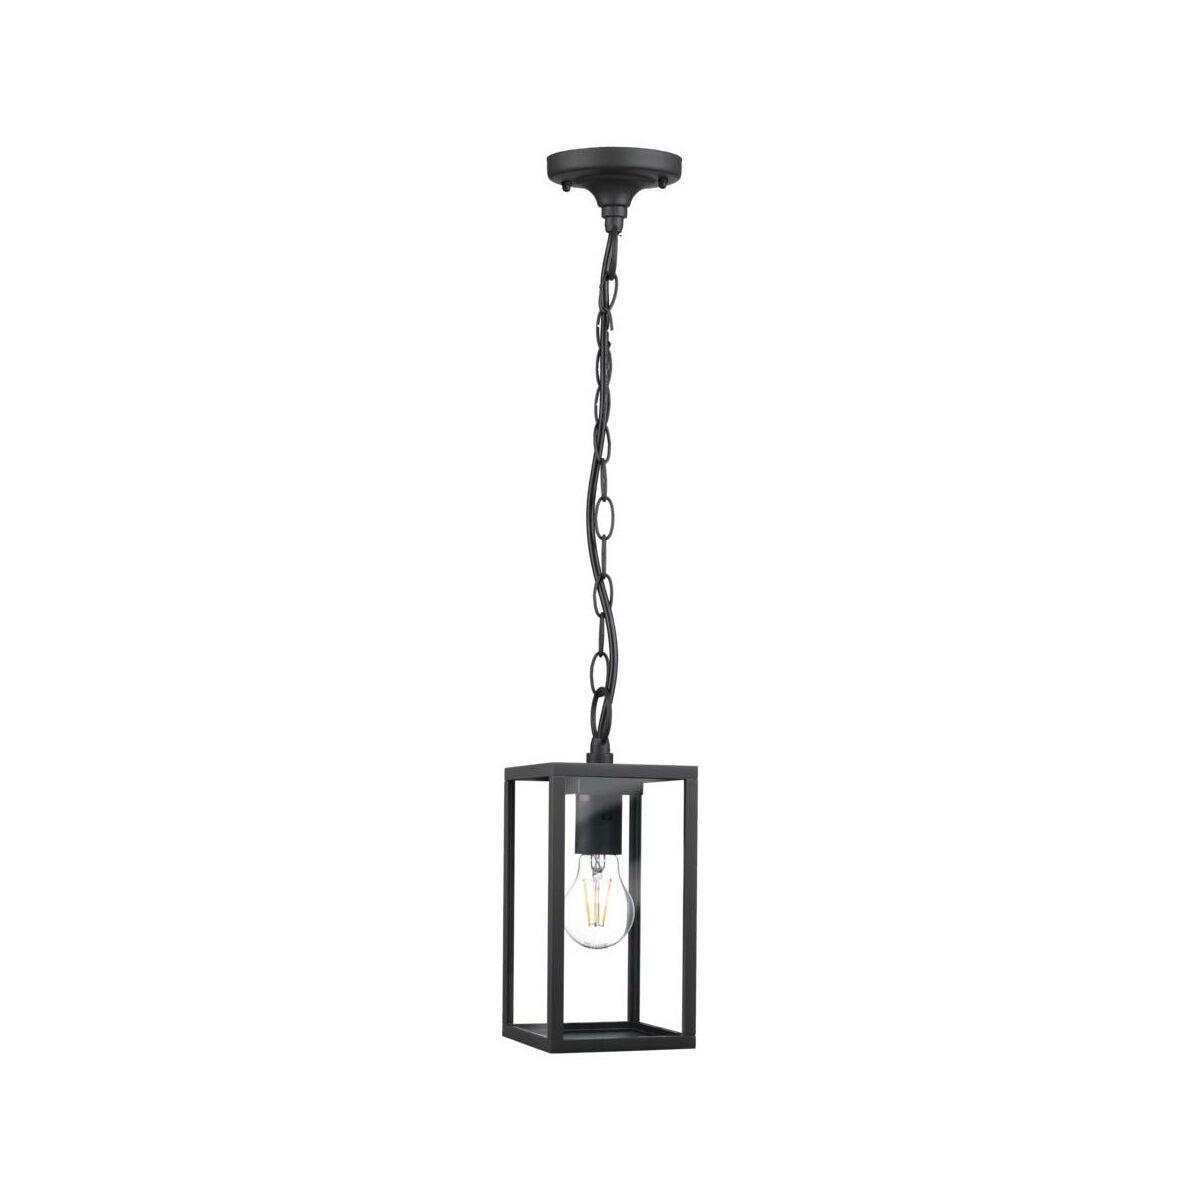 Lampa Ogrodowa Wiszaca Malmo Ip44 Czarna E27 Polux Oswietlenie Ogrodowe Napieciowe W Atrakcyjnej Cenie W Sklepach Leroy Merlin